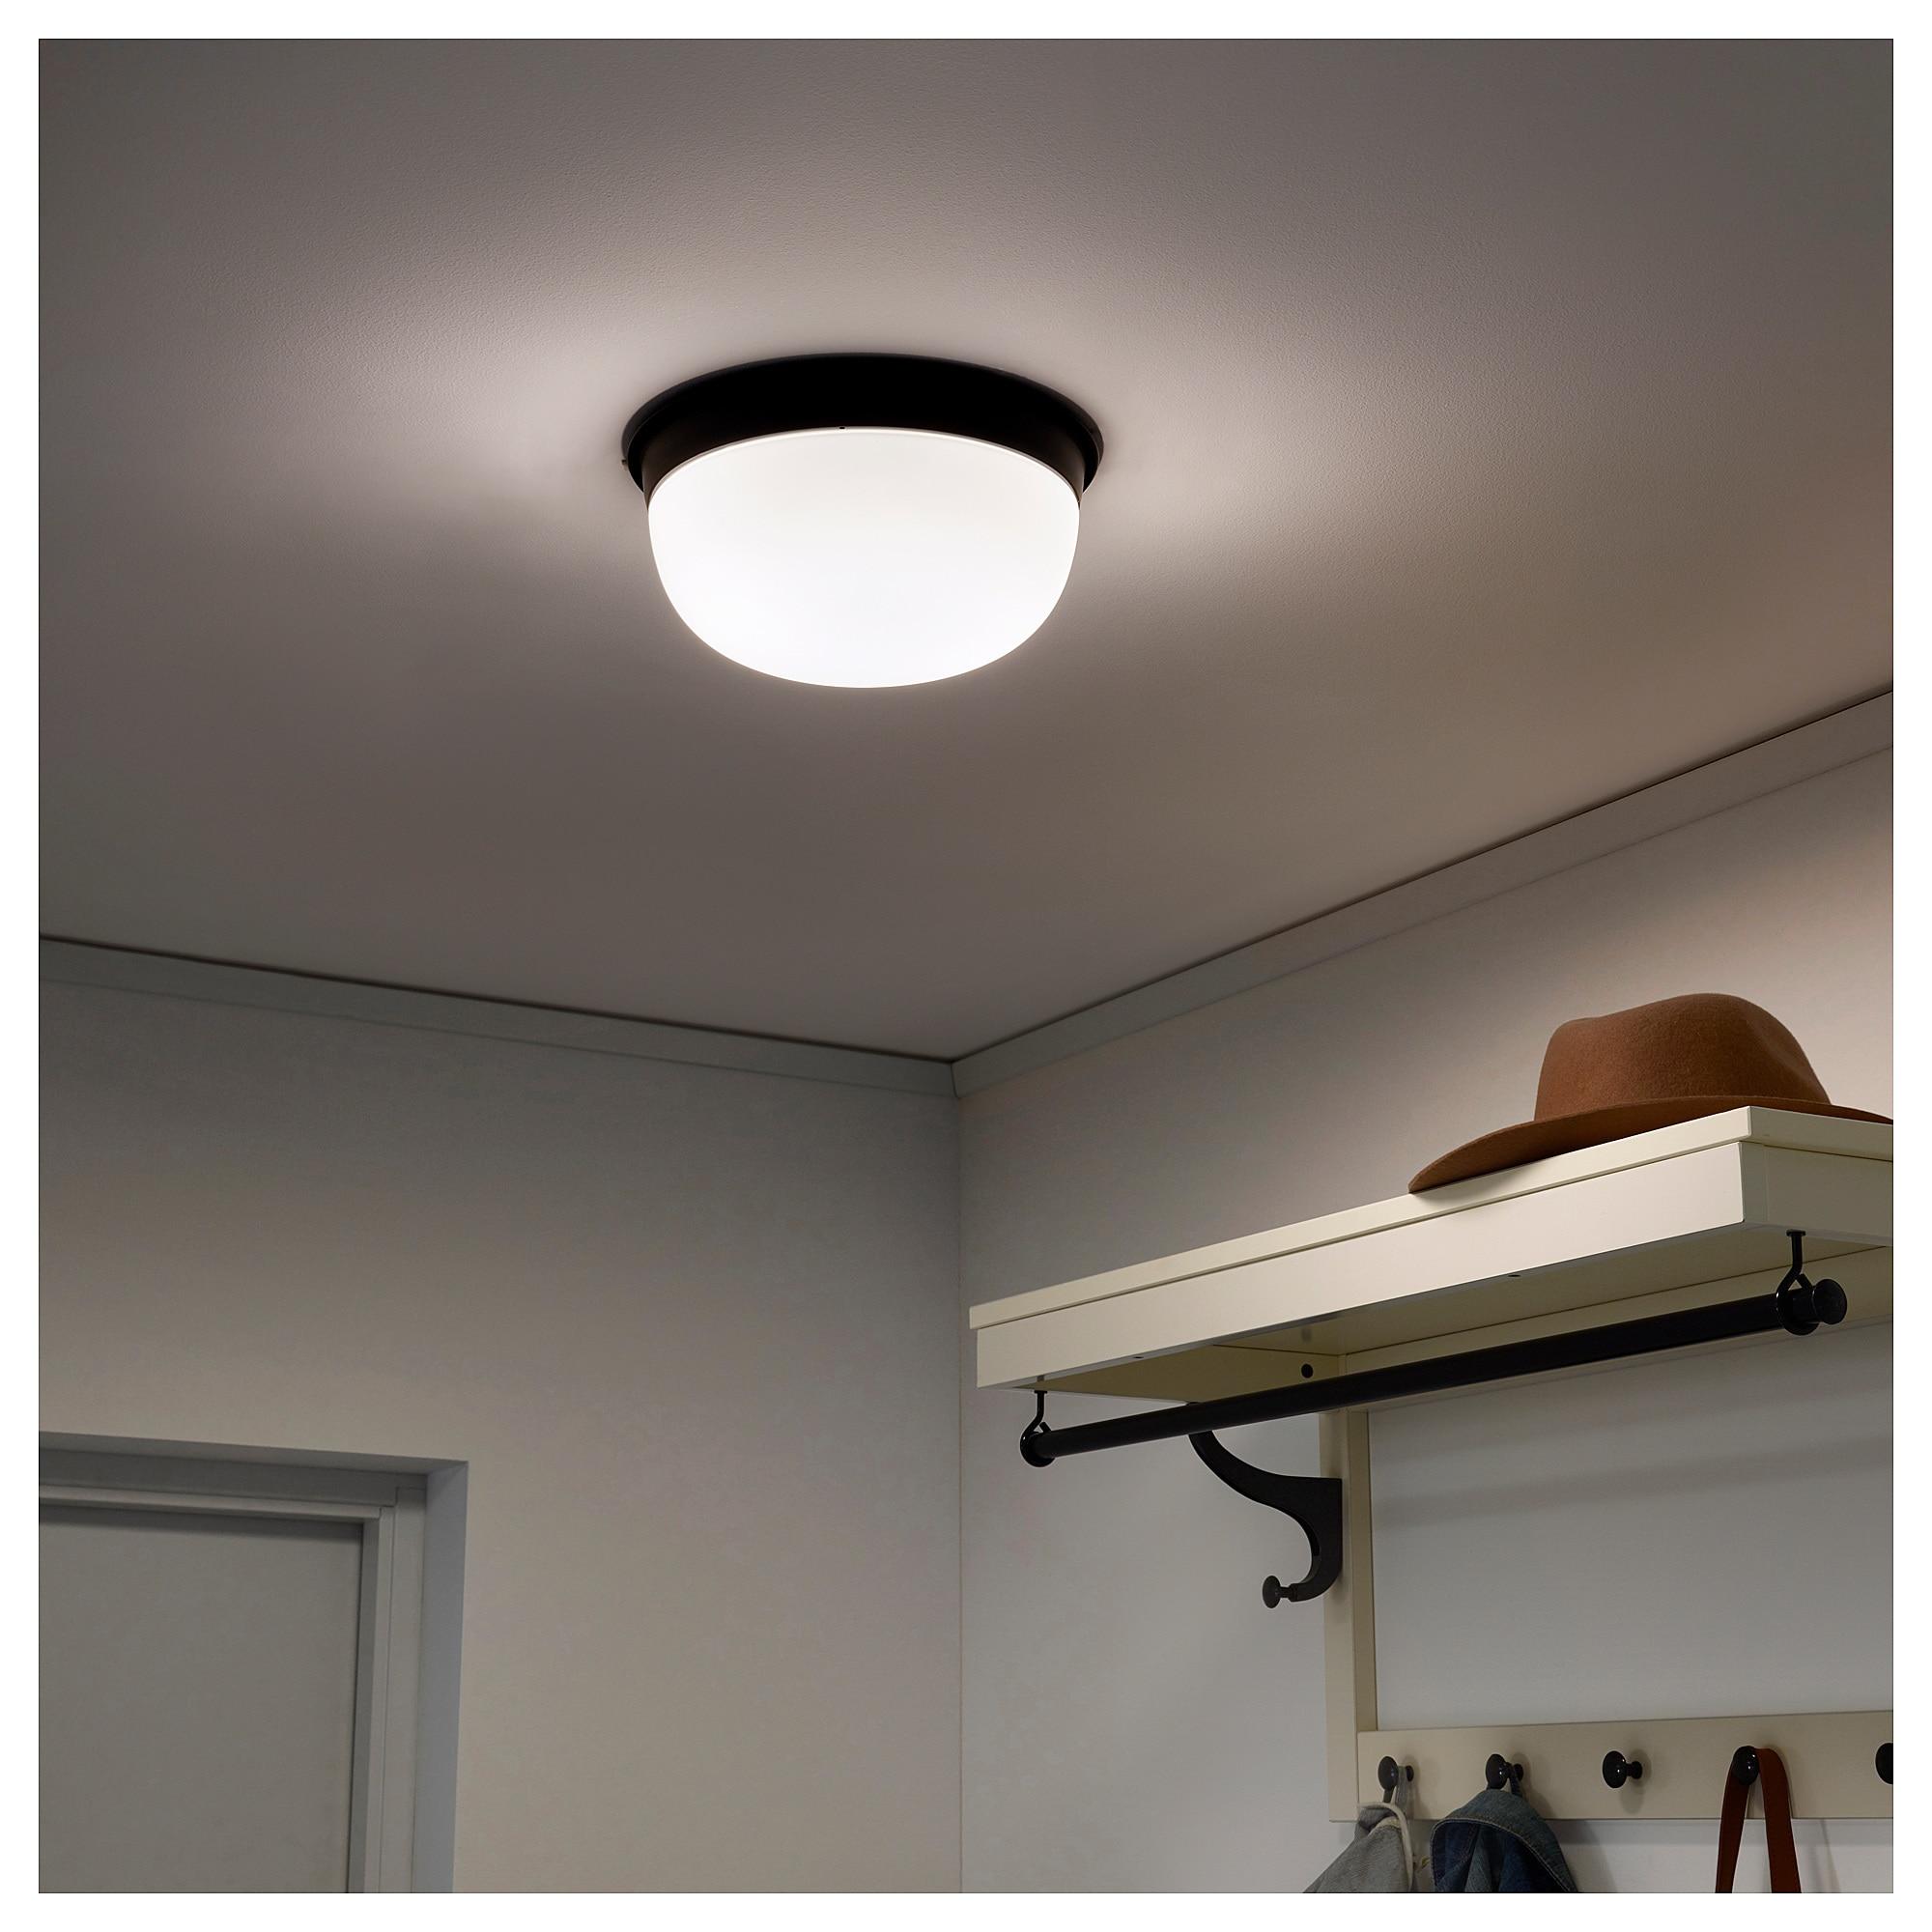 Full Size of Skurup Ceiling Wall Lamp Black 10 25 Cm Wandleuchte Betten Ikea 160x200 Küche Kaufen Deckenlampe Wohnzimmer Deckenlampen Schlafzimmer Esstisch Miniküche Wohnzimmer Ikea Deckenlampe